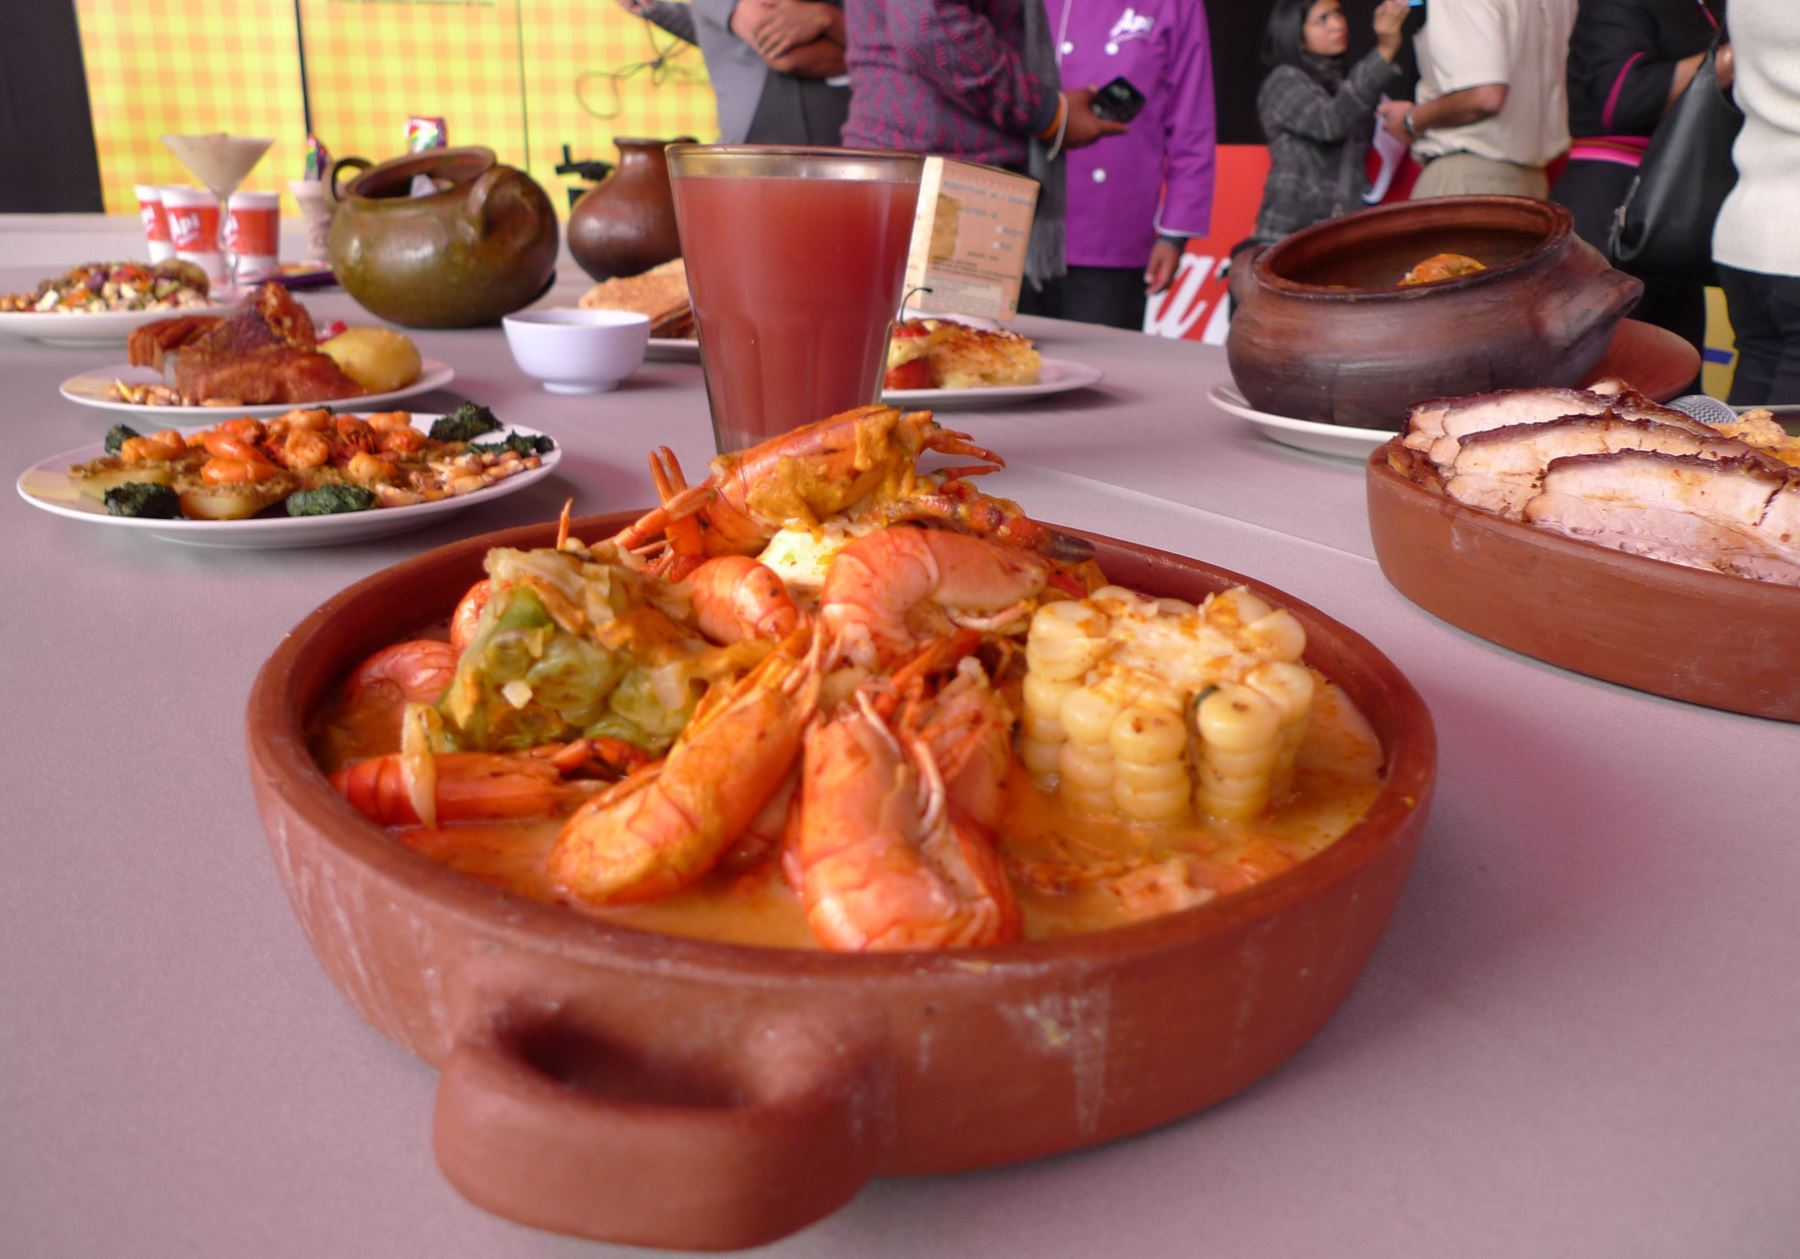 El chupe de camarones es el plato emblemático de la reconocida gastronomía arequipeña. ANDINA/archivo